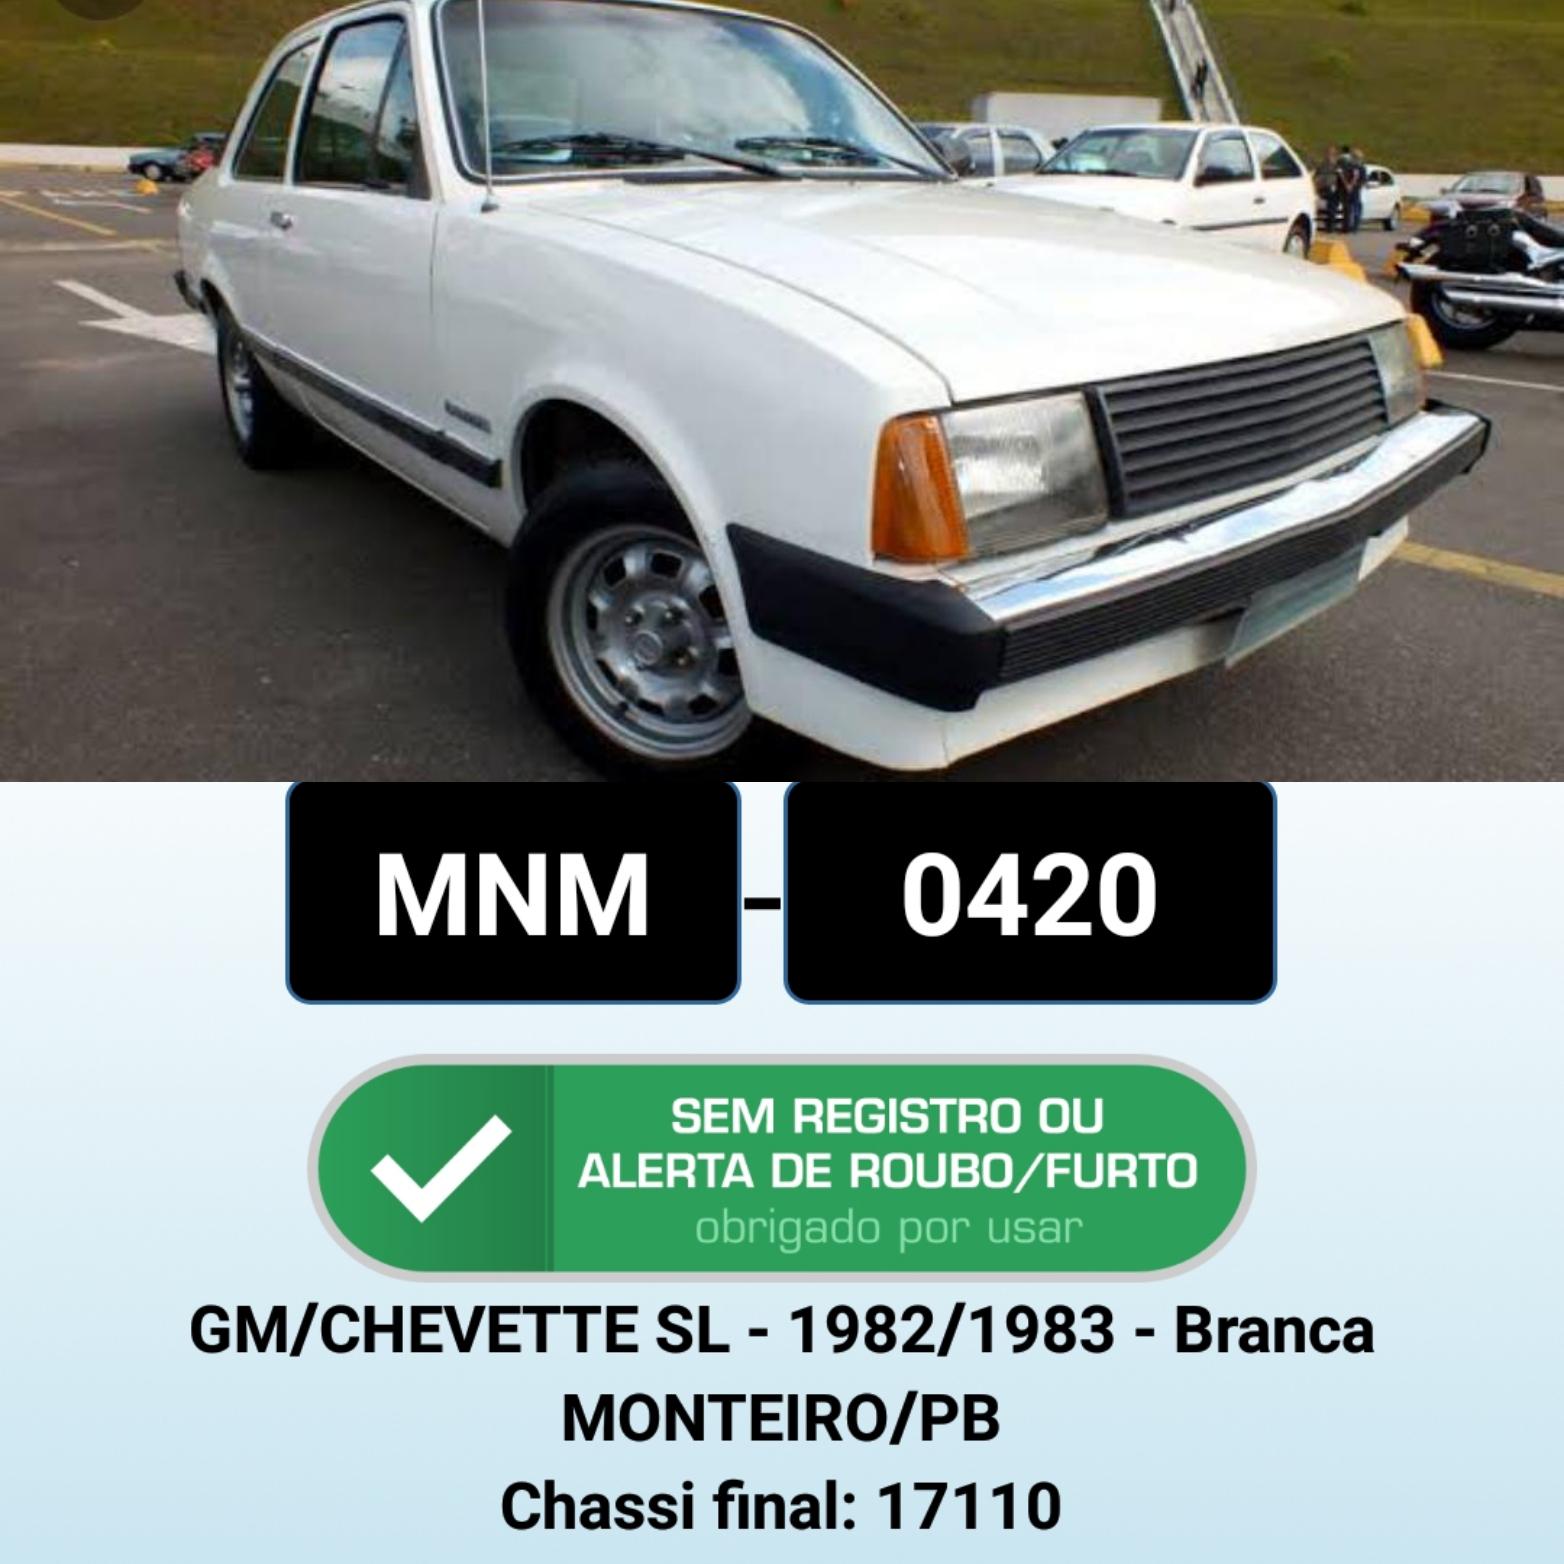 IMG_20190425_100615-390x390 Carro é furtado em frente a residência no centro de Monteiro